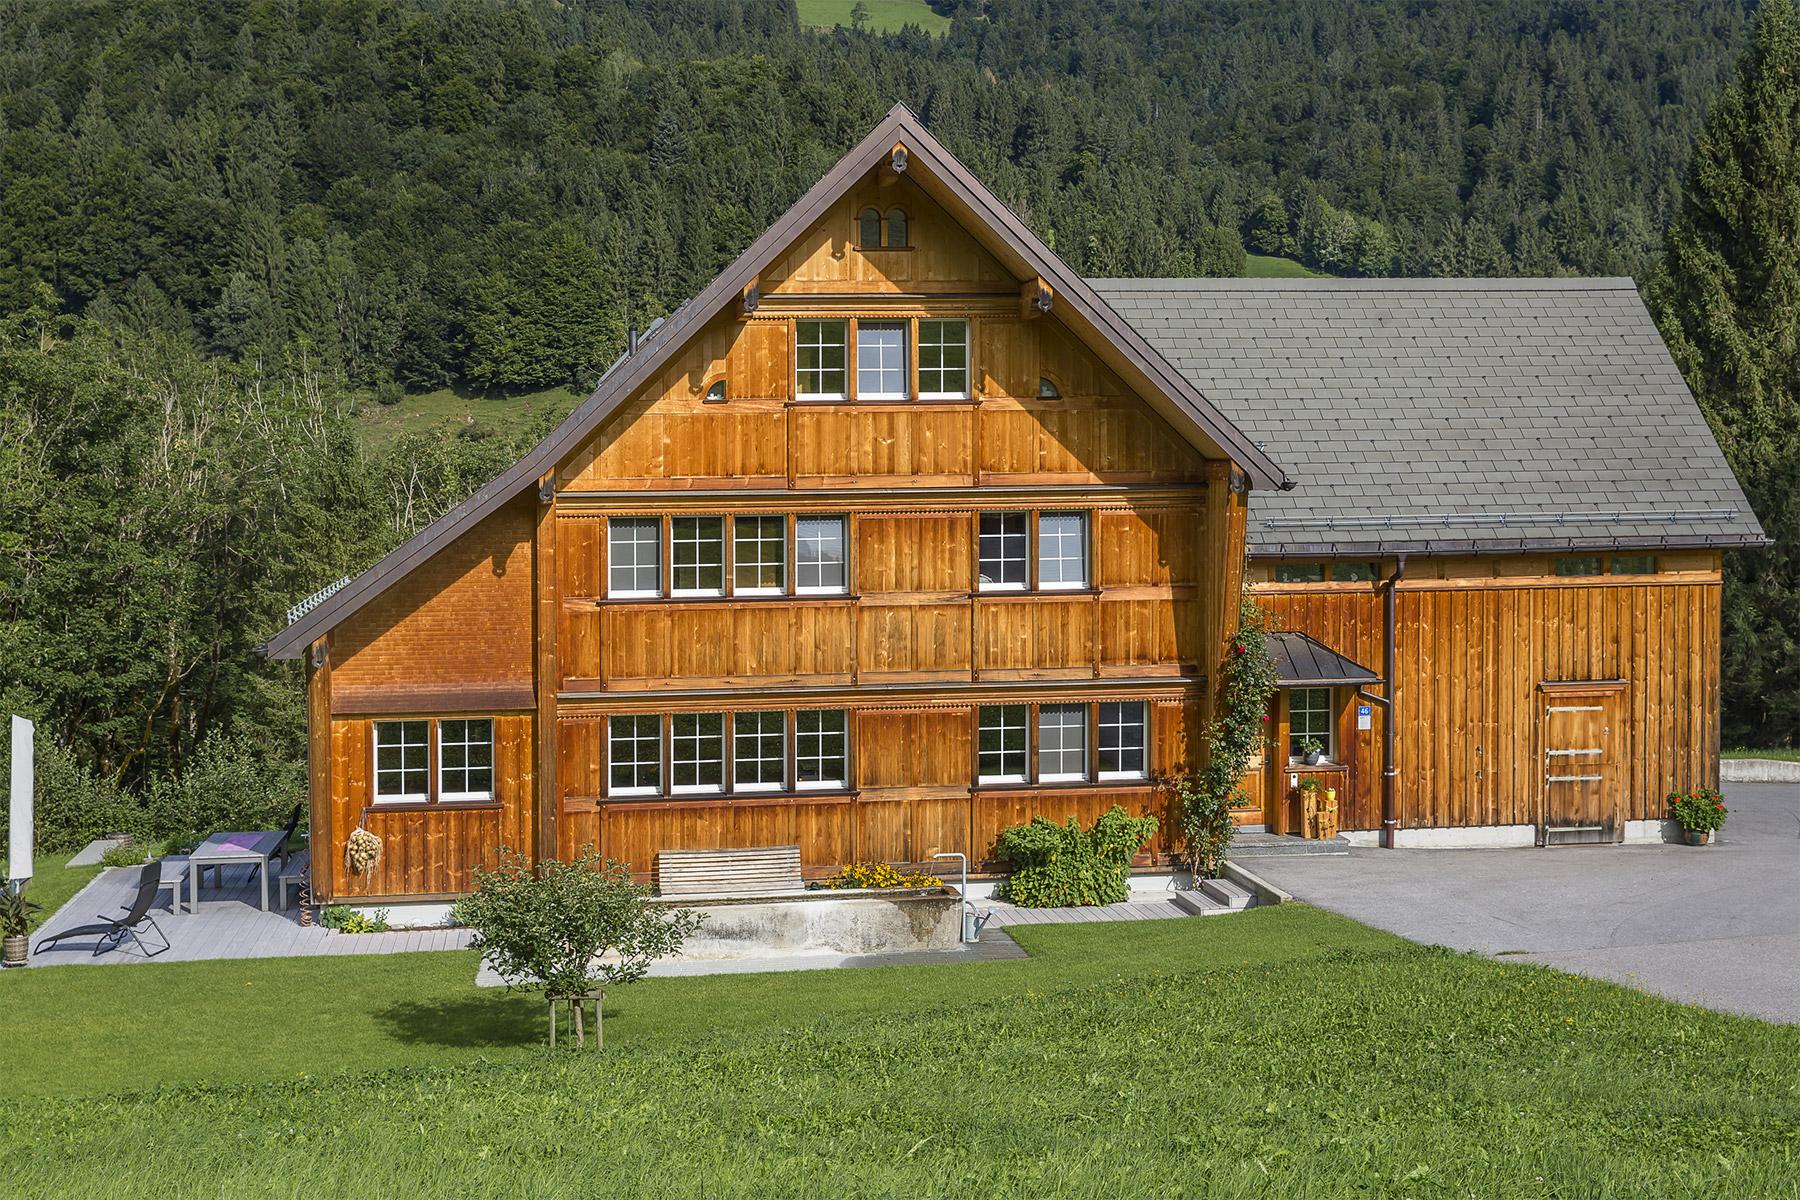 Appenzell Wohnhaus traditoneller Stil